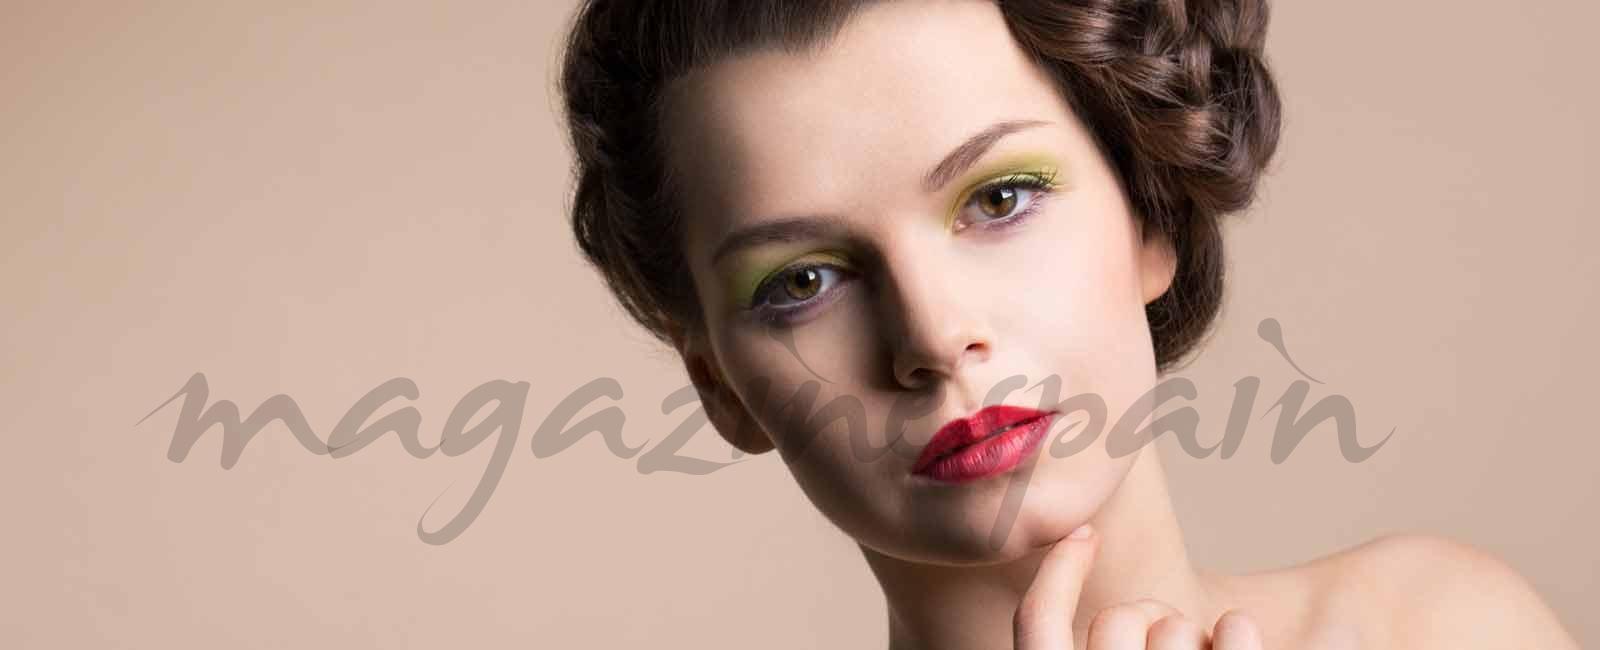 ¿Cómo conseguir un maquillaje 10 para San Valentín?